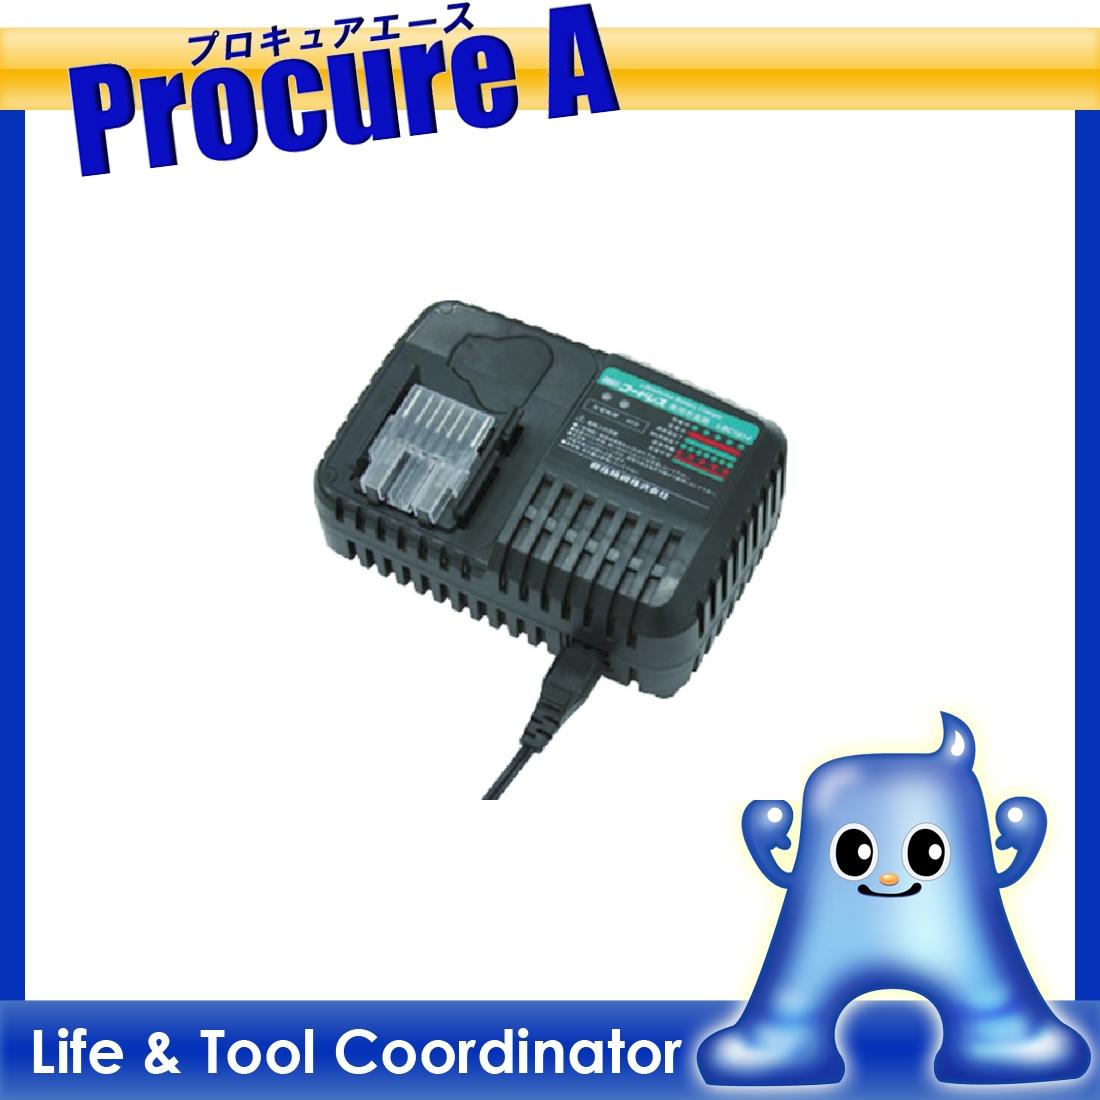 育良 IS-MP15LE 18LE用充電器(52128) LBC1814 ▼382-4365 育良精機(株)